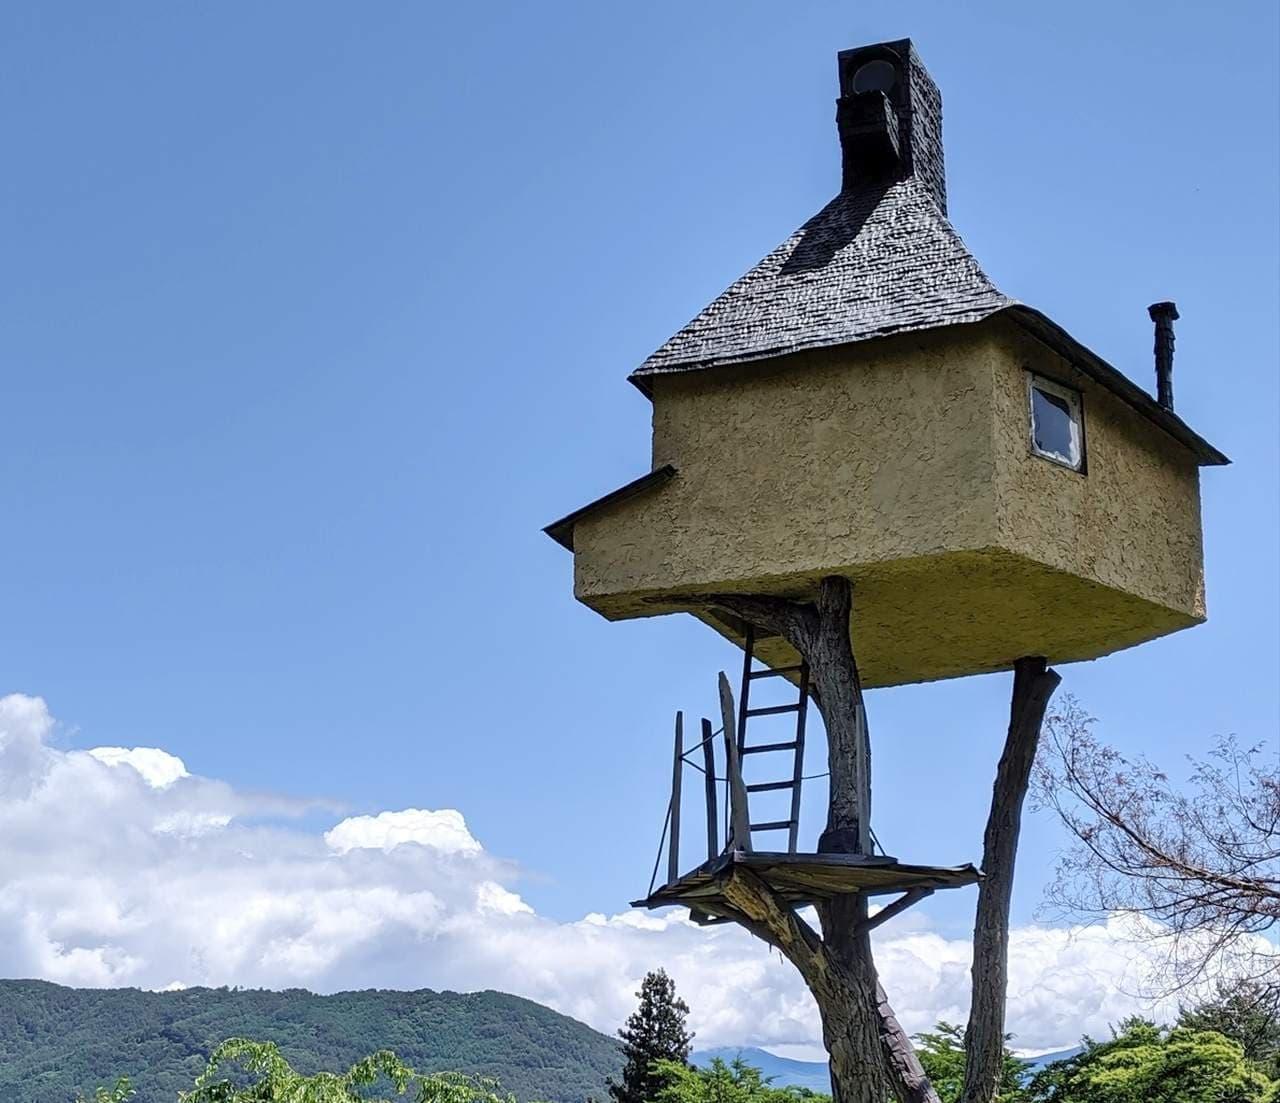 「高過庵」―世界一危険な茶室の内部見学が可能に!